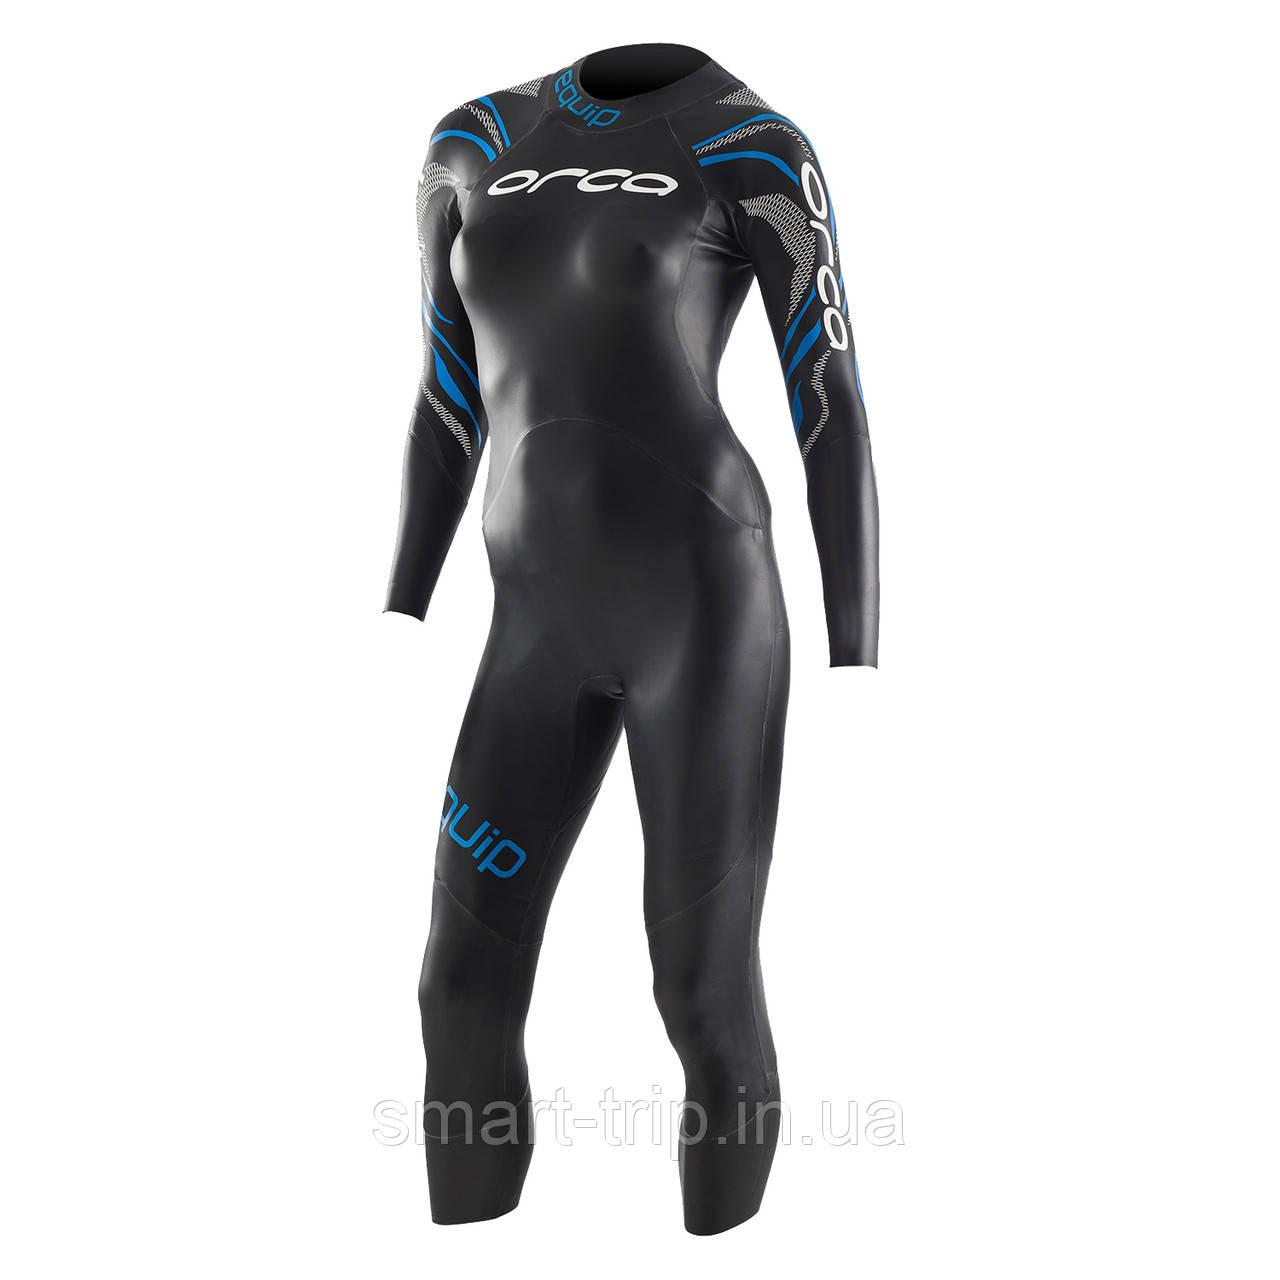 Гідрокостюм жіночий для відкритої води Orca Equip wetsuit тріатлон S